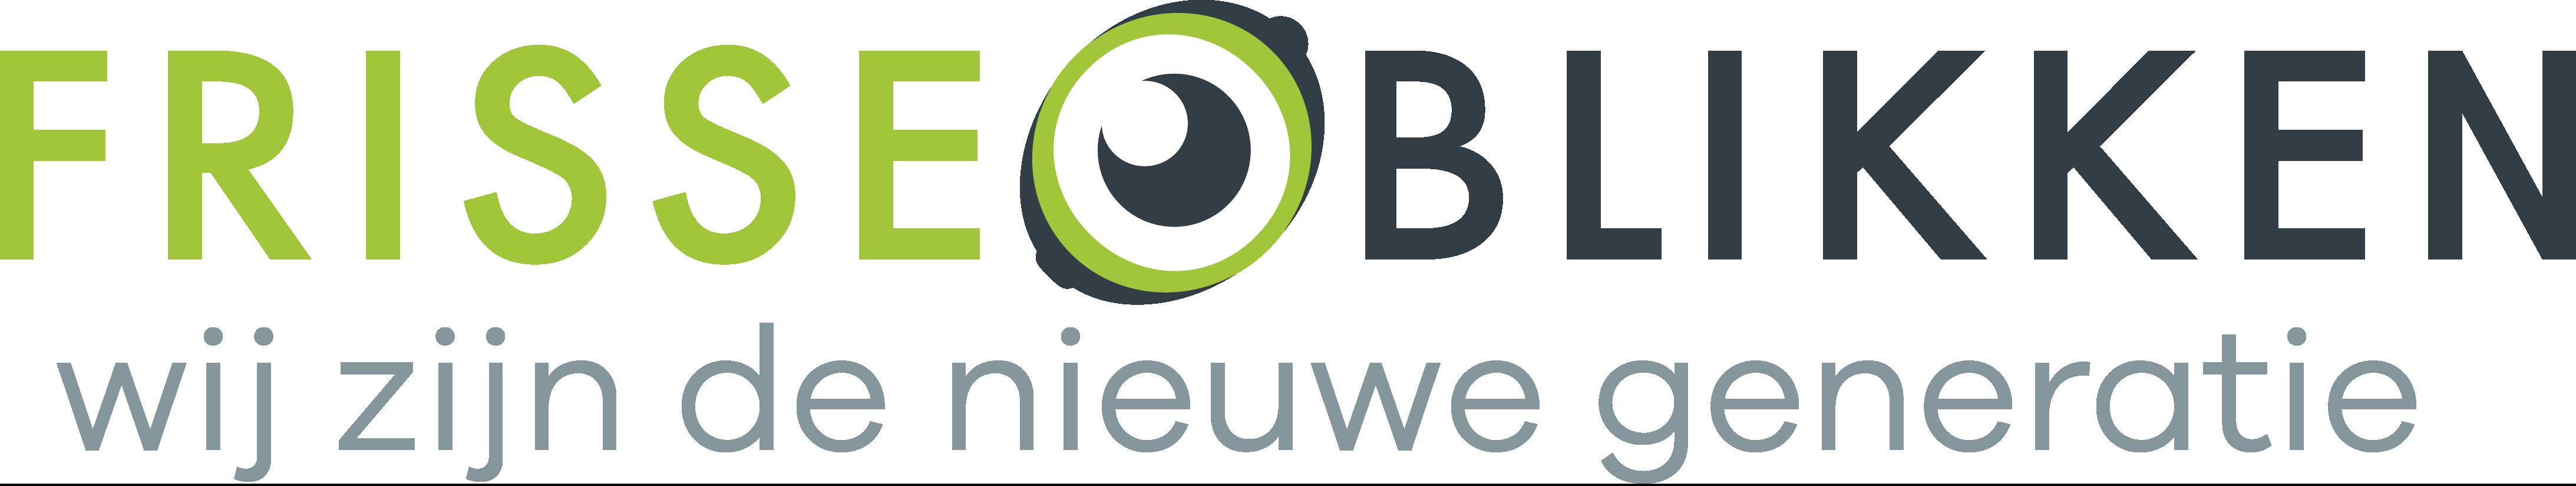 Frisse Blikken logo